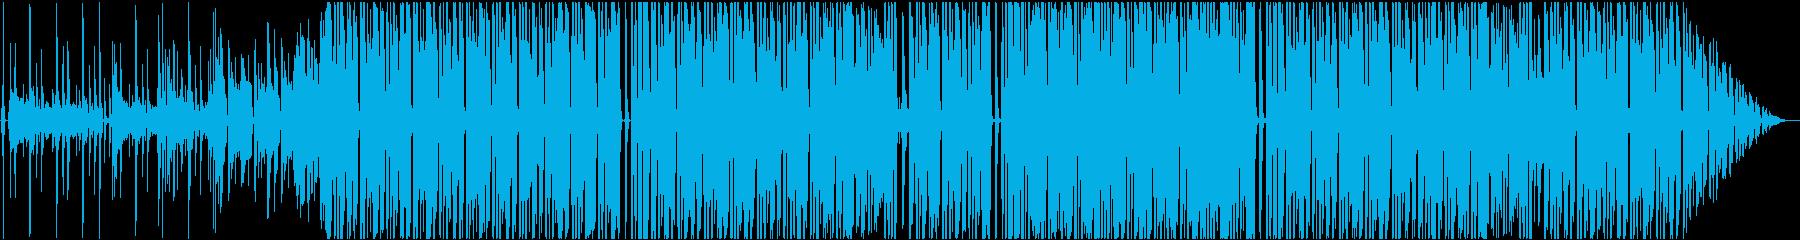 funkyでパリッとした、こじゃれてる系の再生済みの波形